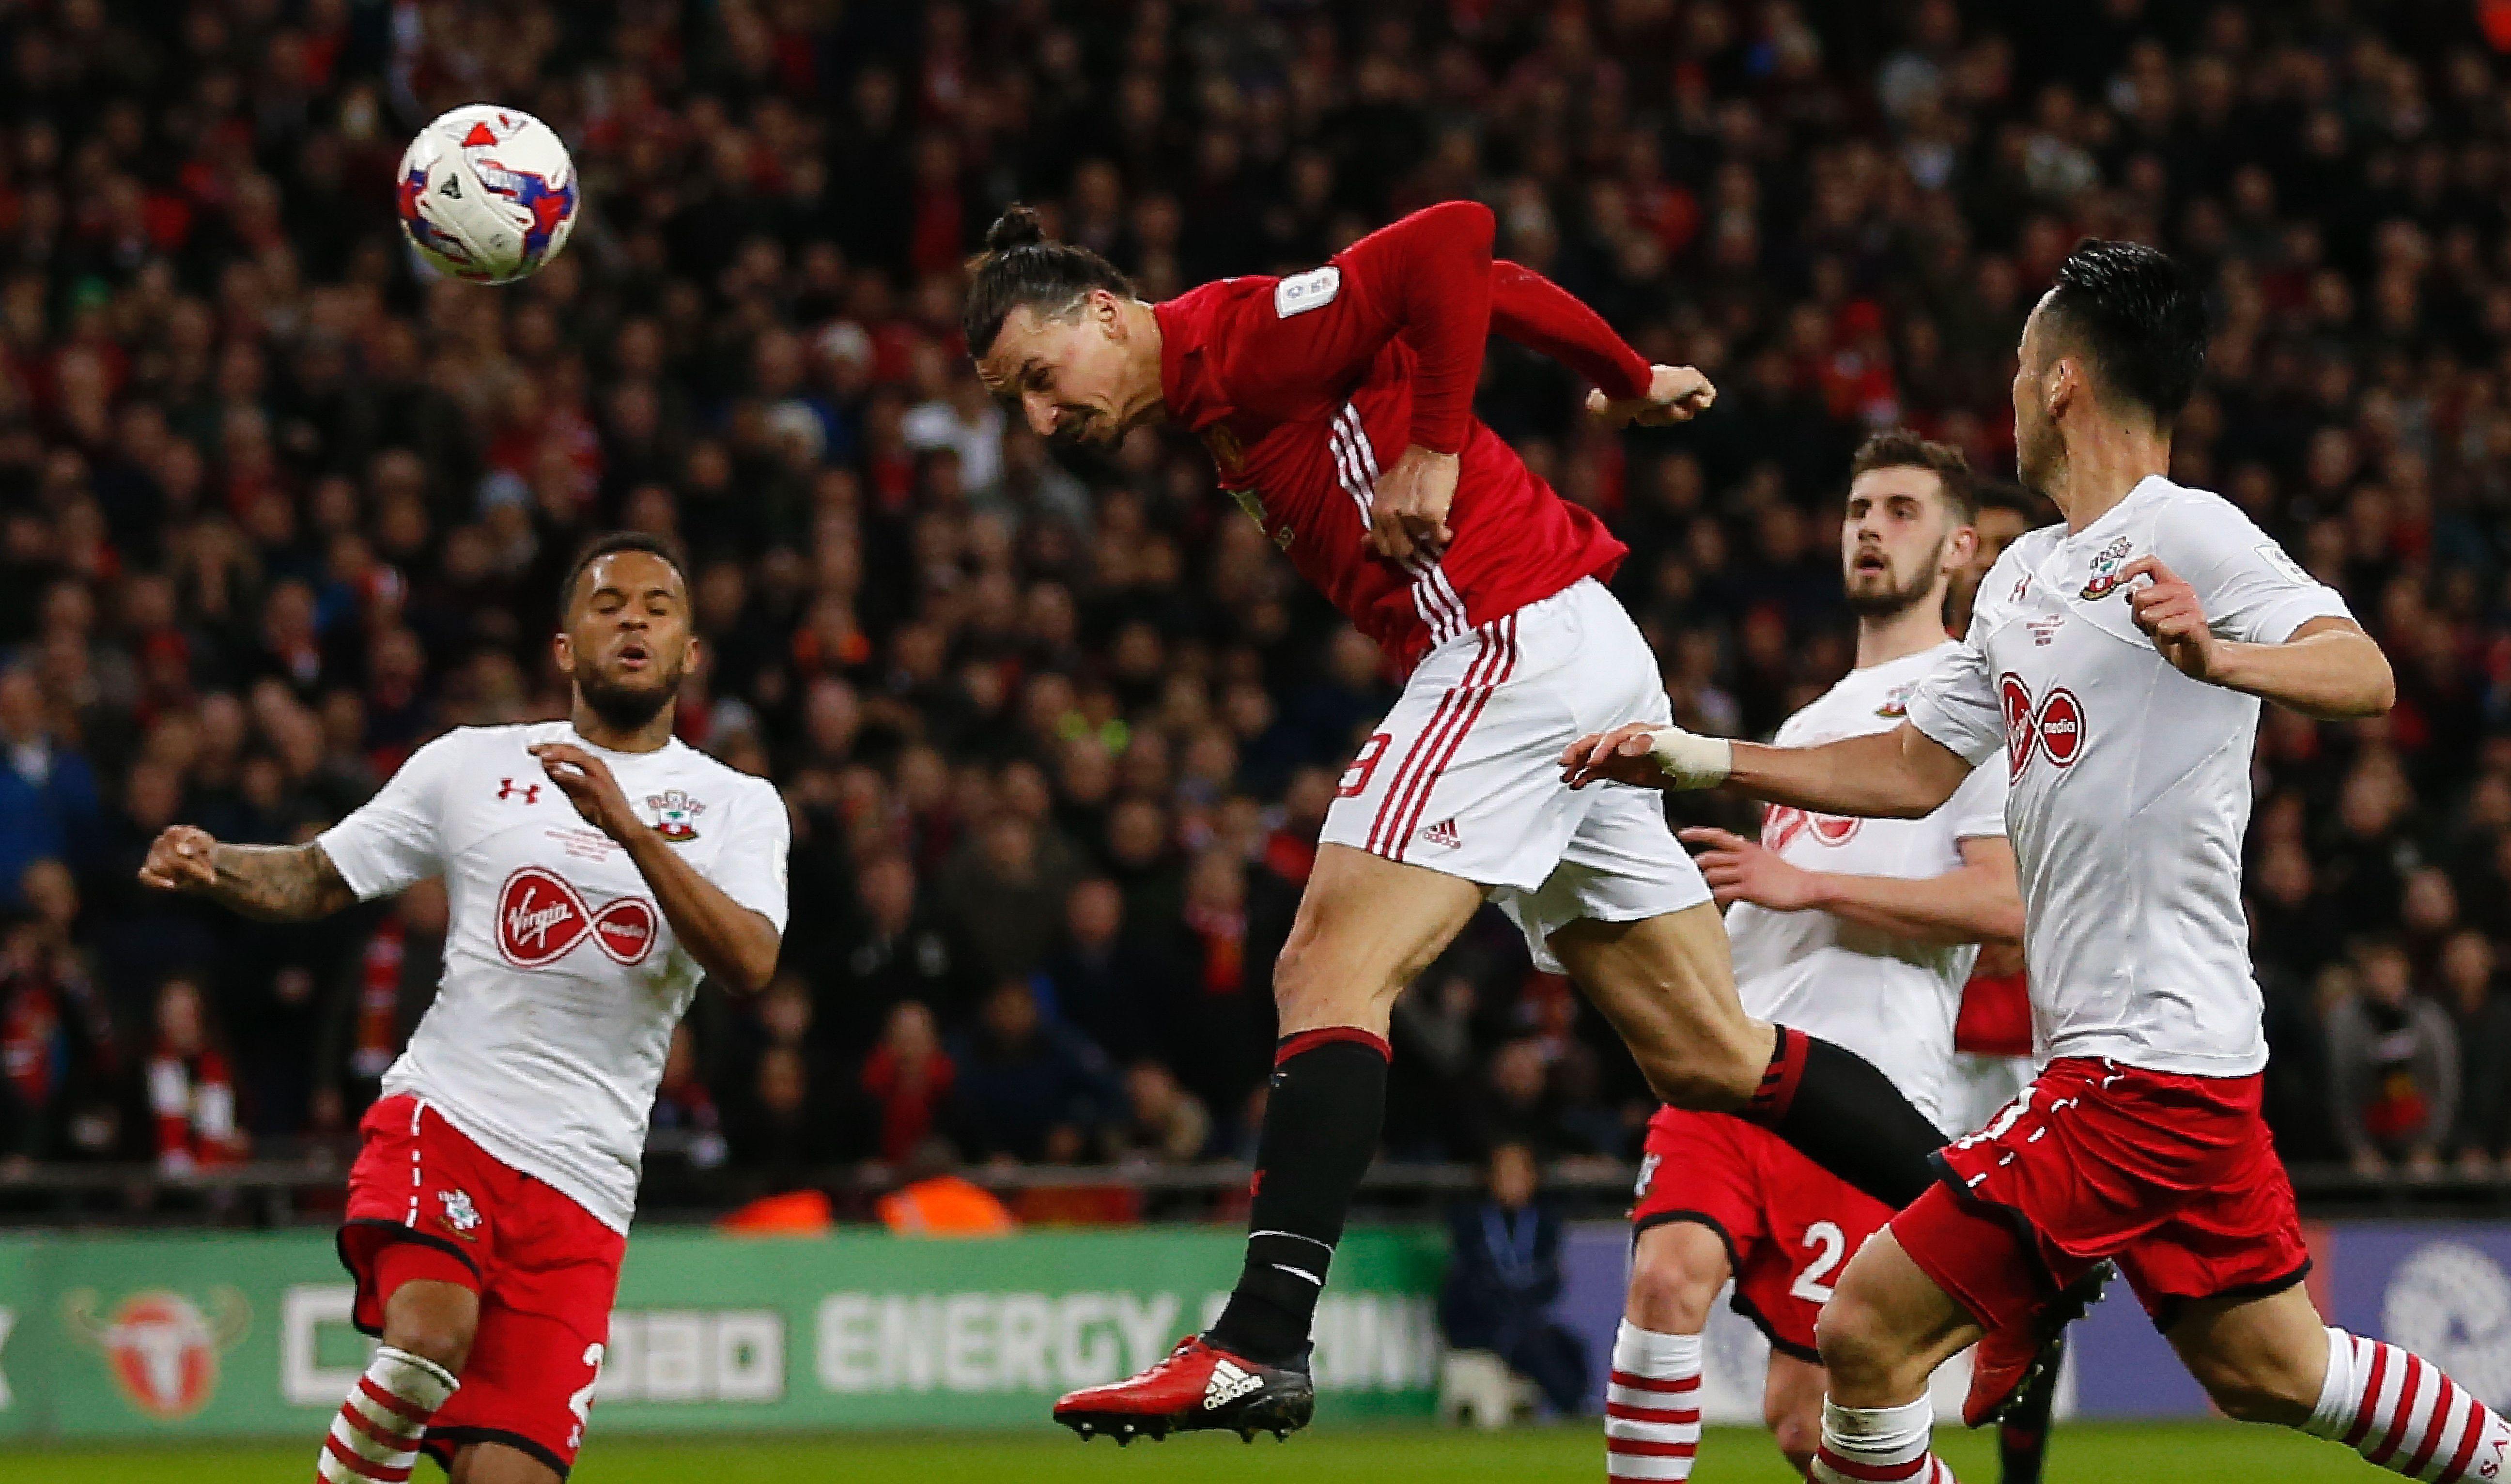 Ibrahimovic cabecea el balón para anotar el tercer gol del United contra el Southampton en la final de la Copa de la Liga. (Crédito: IAN KINGTON/AFP/Getty Images)